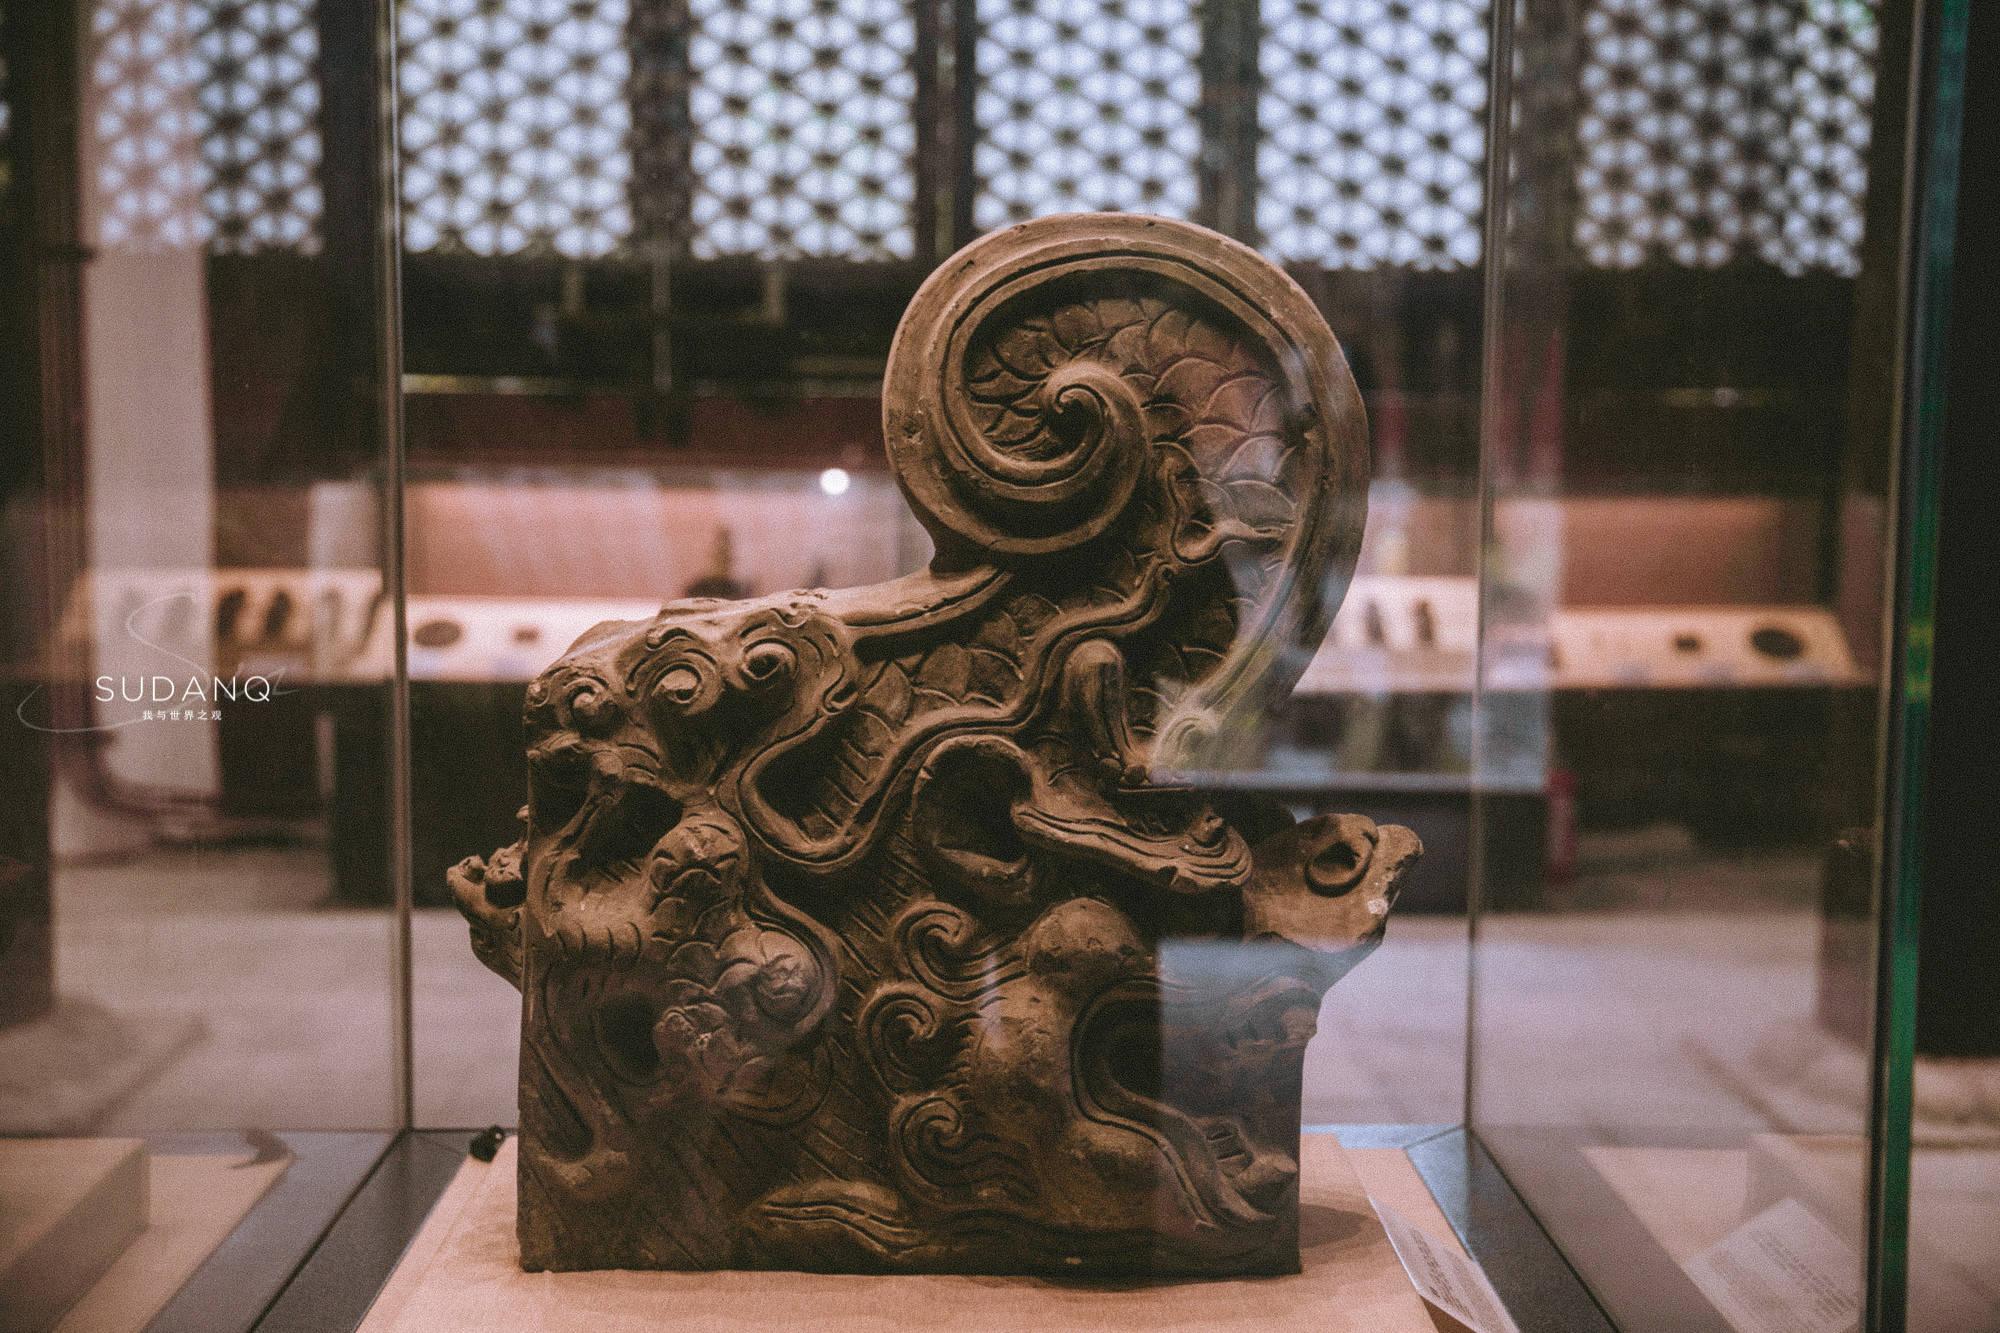 国内罕见道观:千年开元观仅存荆州一处,建筑景观令人叹为观止